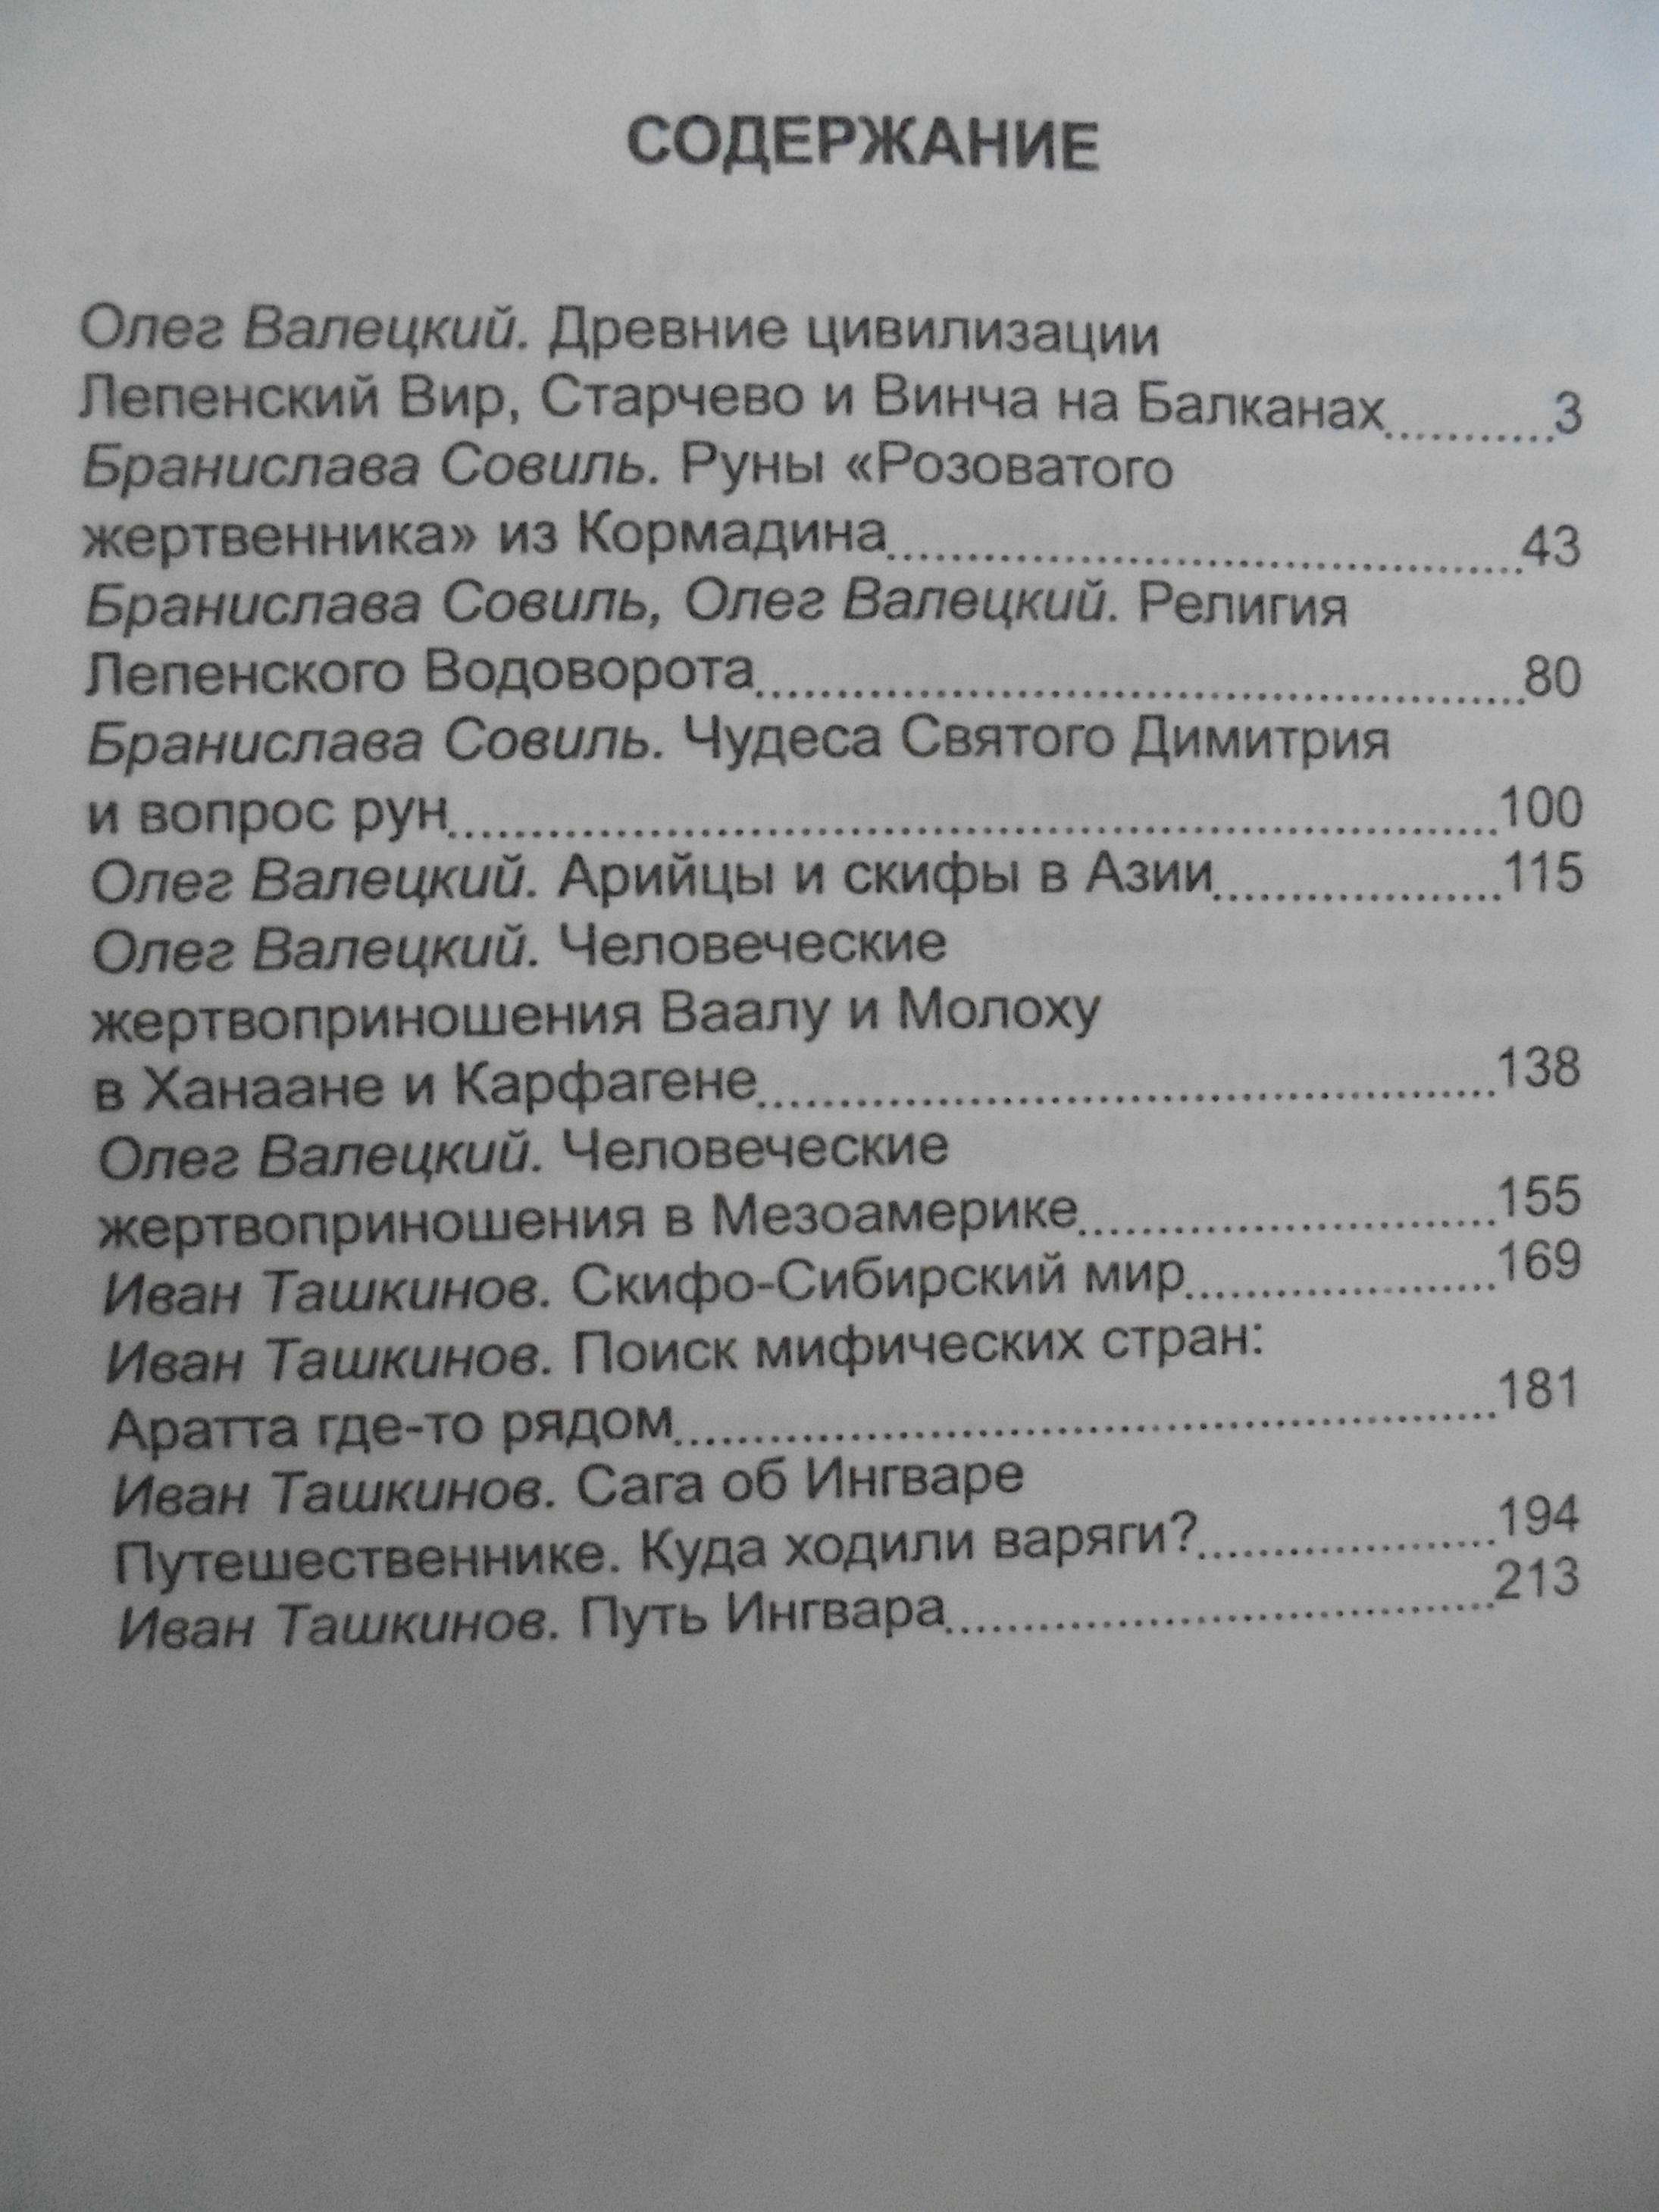 Serbskaja runa 5